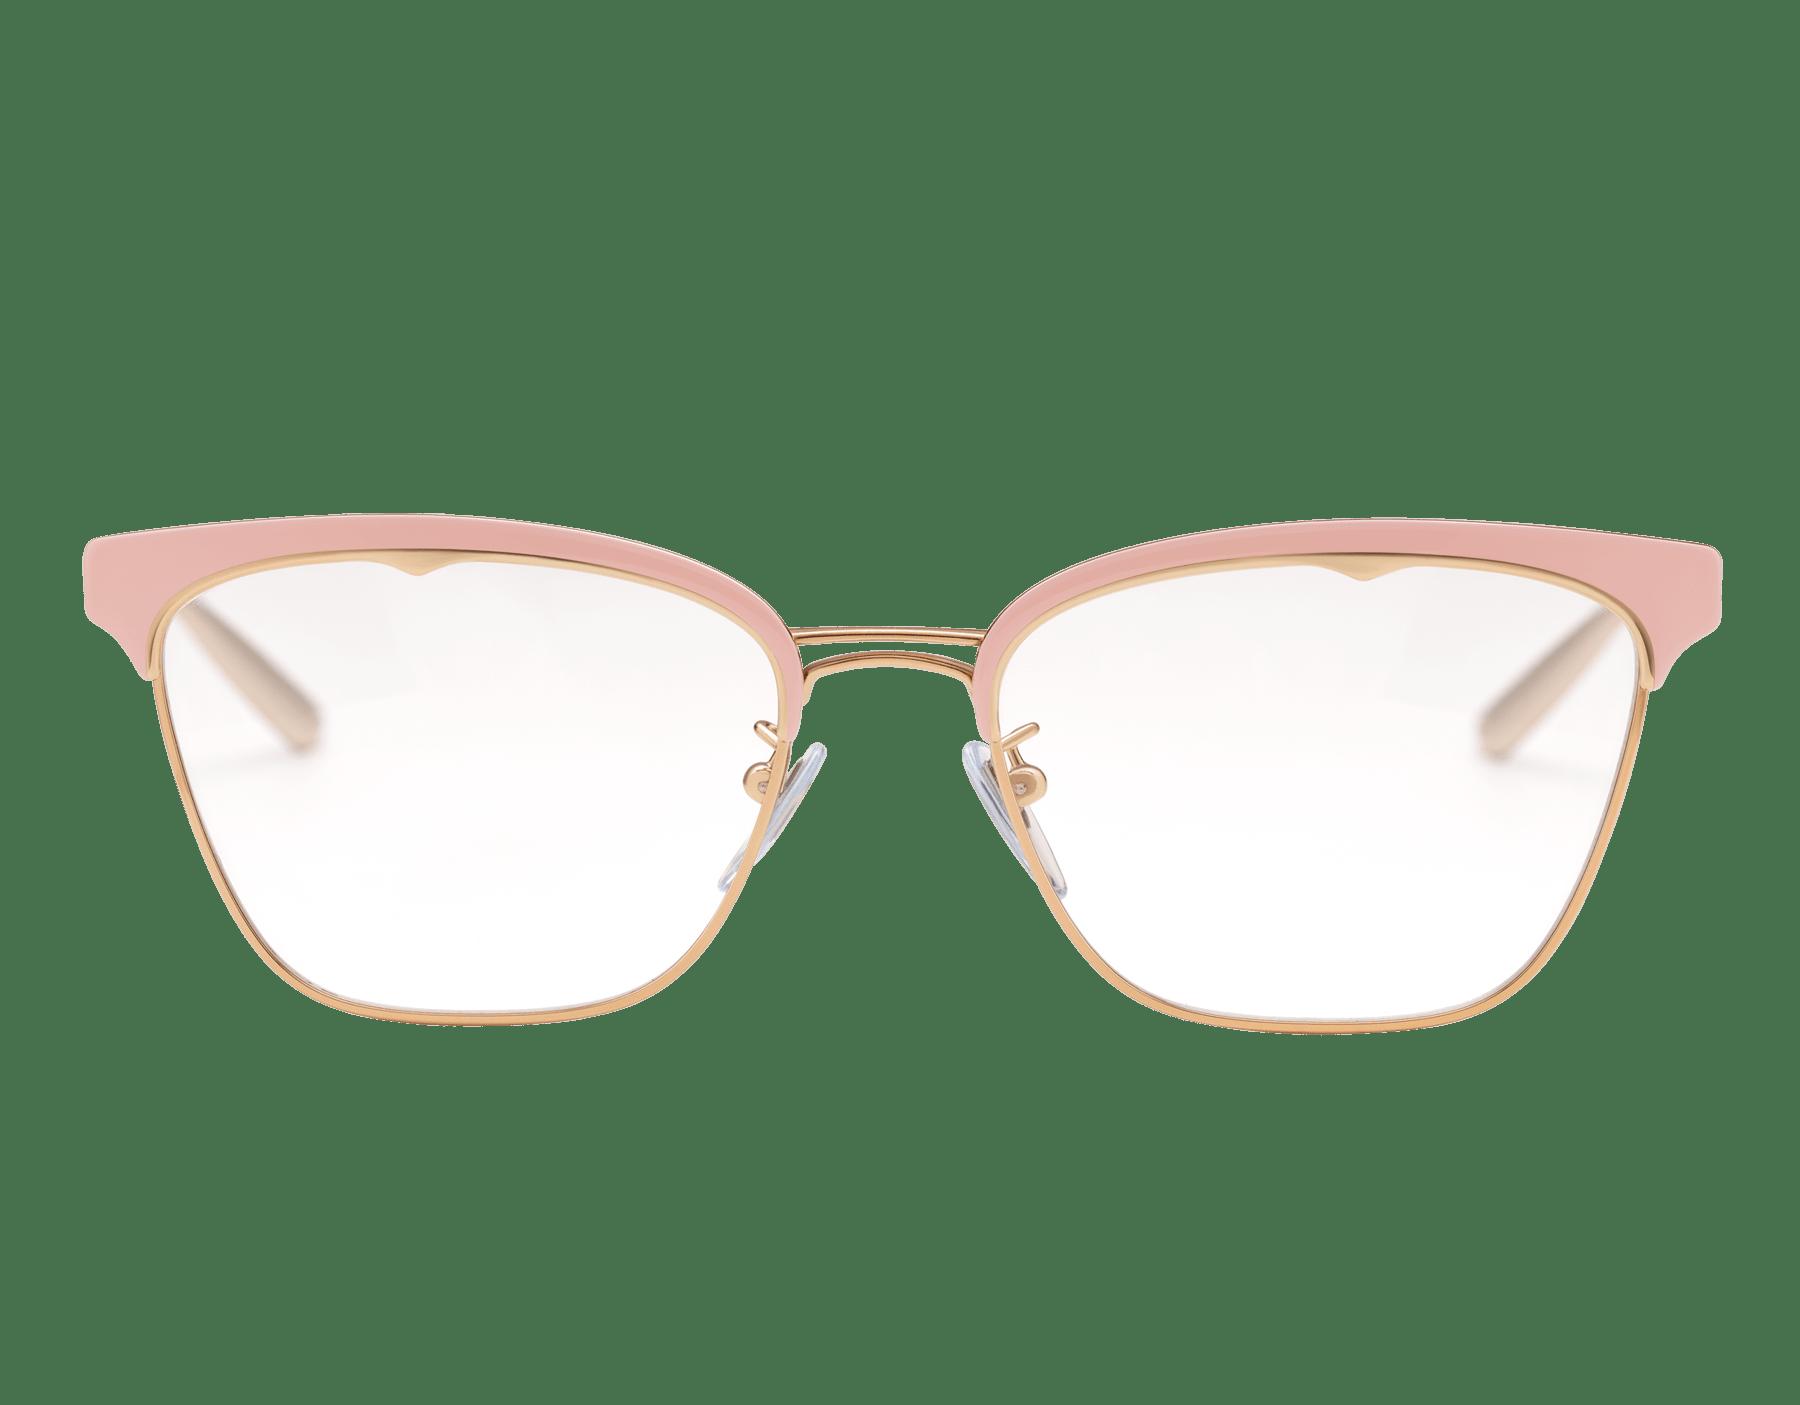 نظارات بولغري بي.زيرو1 بي.غلاسي-أب معدنية مستطيلة الشكل. 904015 image 2